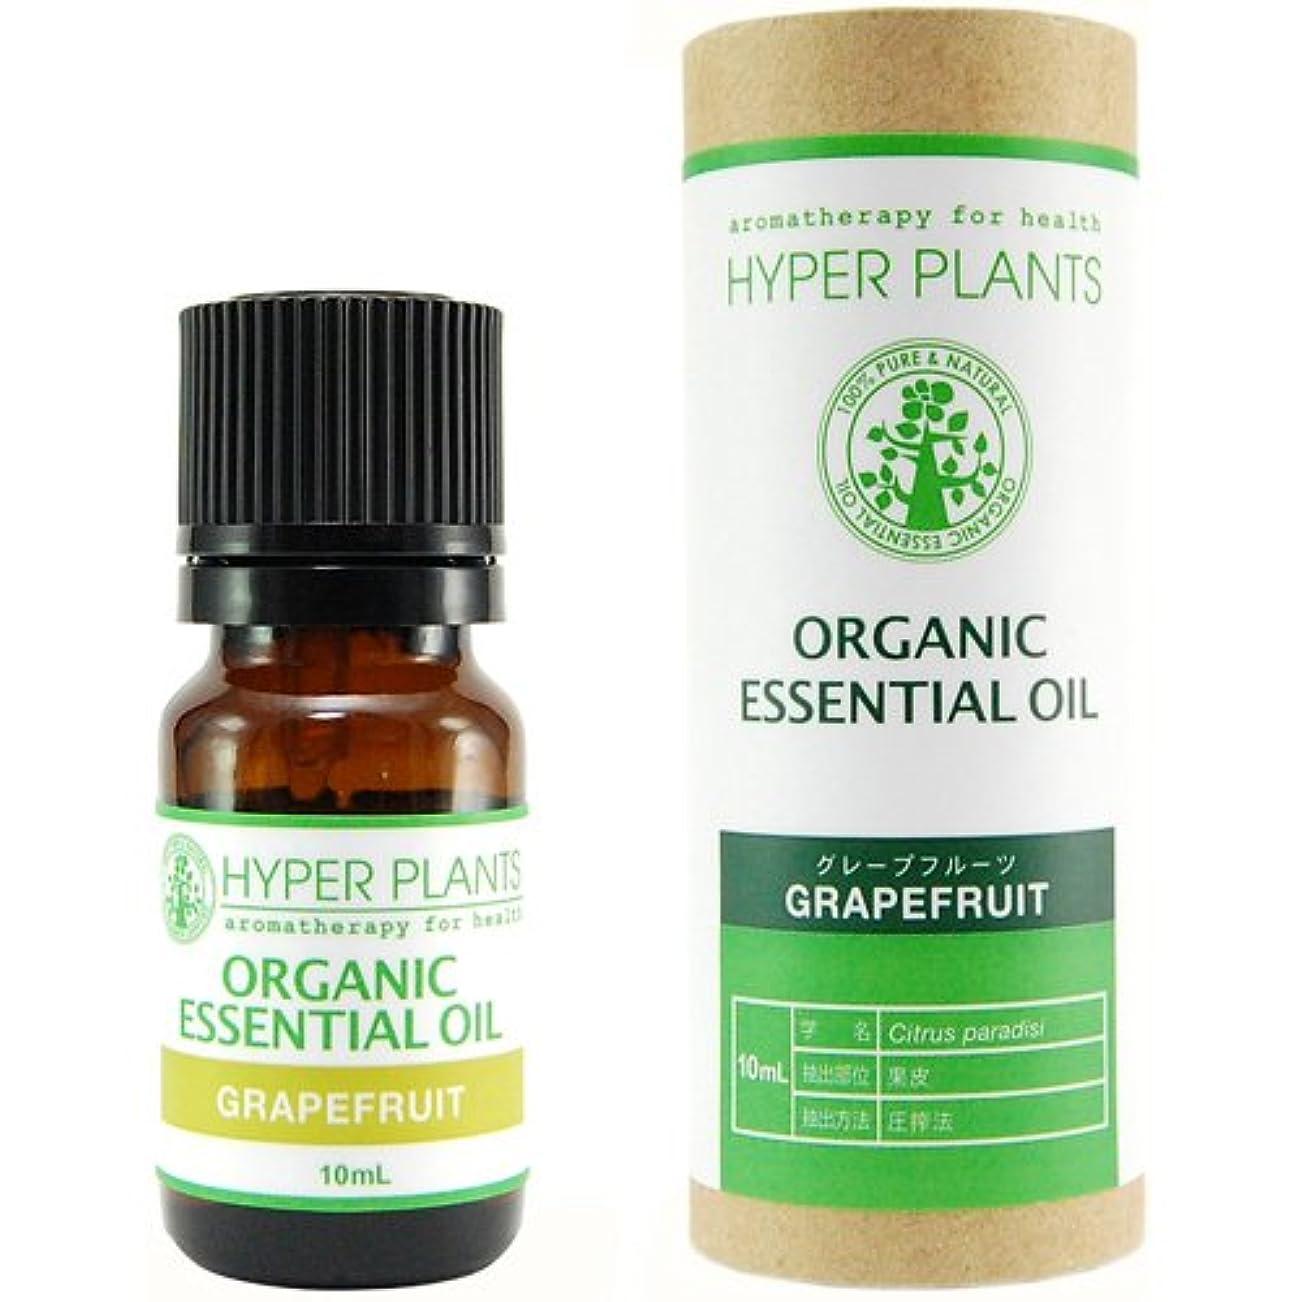 違反する原油人形HYPER PLANTS ハイパープランツ オーガニックエッセンシャルオイル グレープフルーツ 10ml HE0210